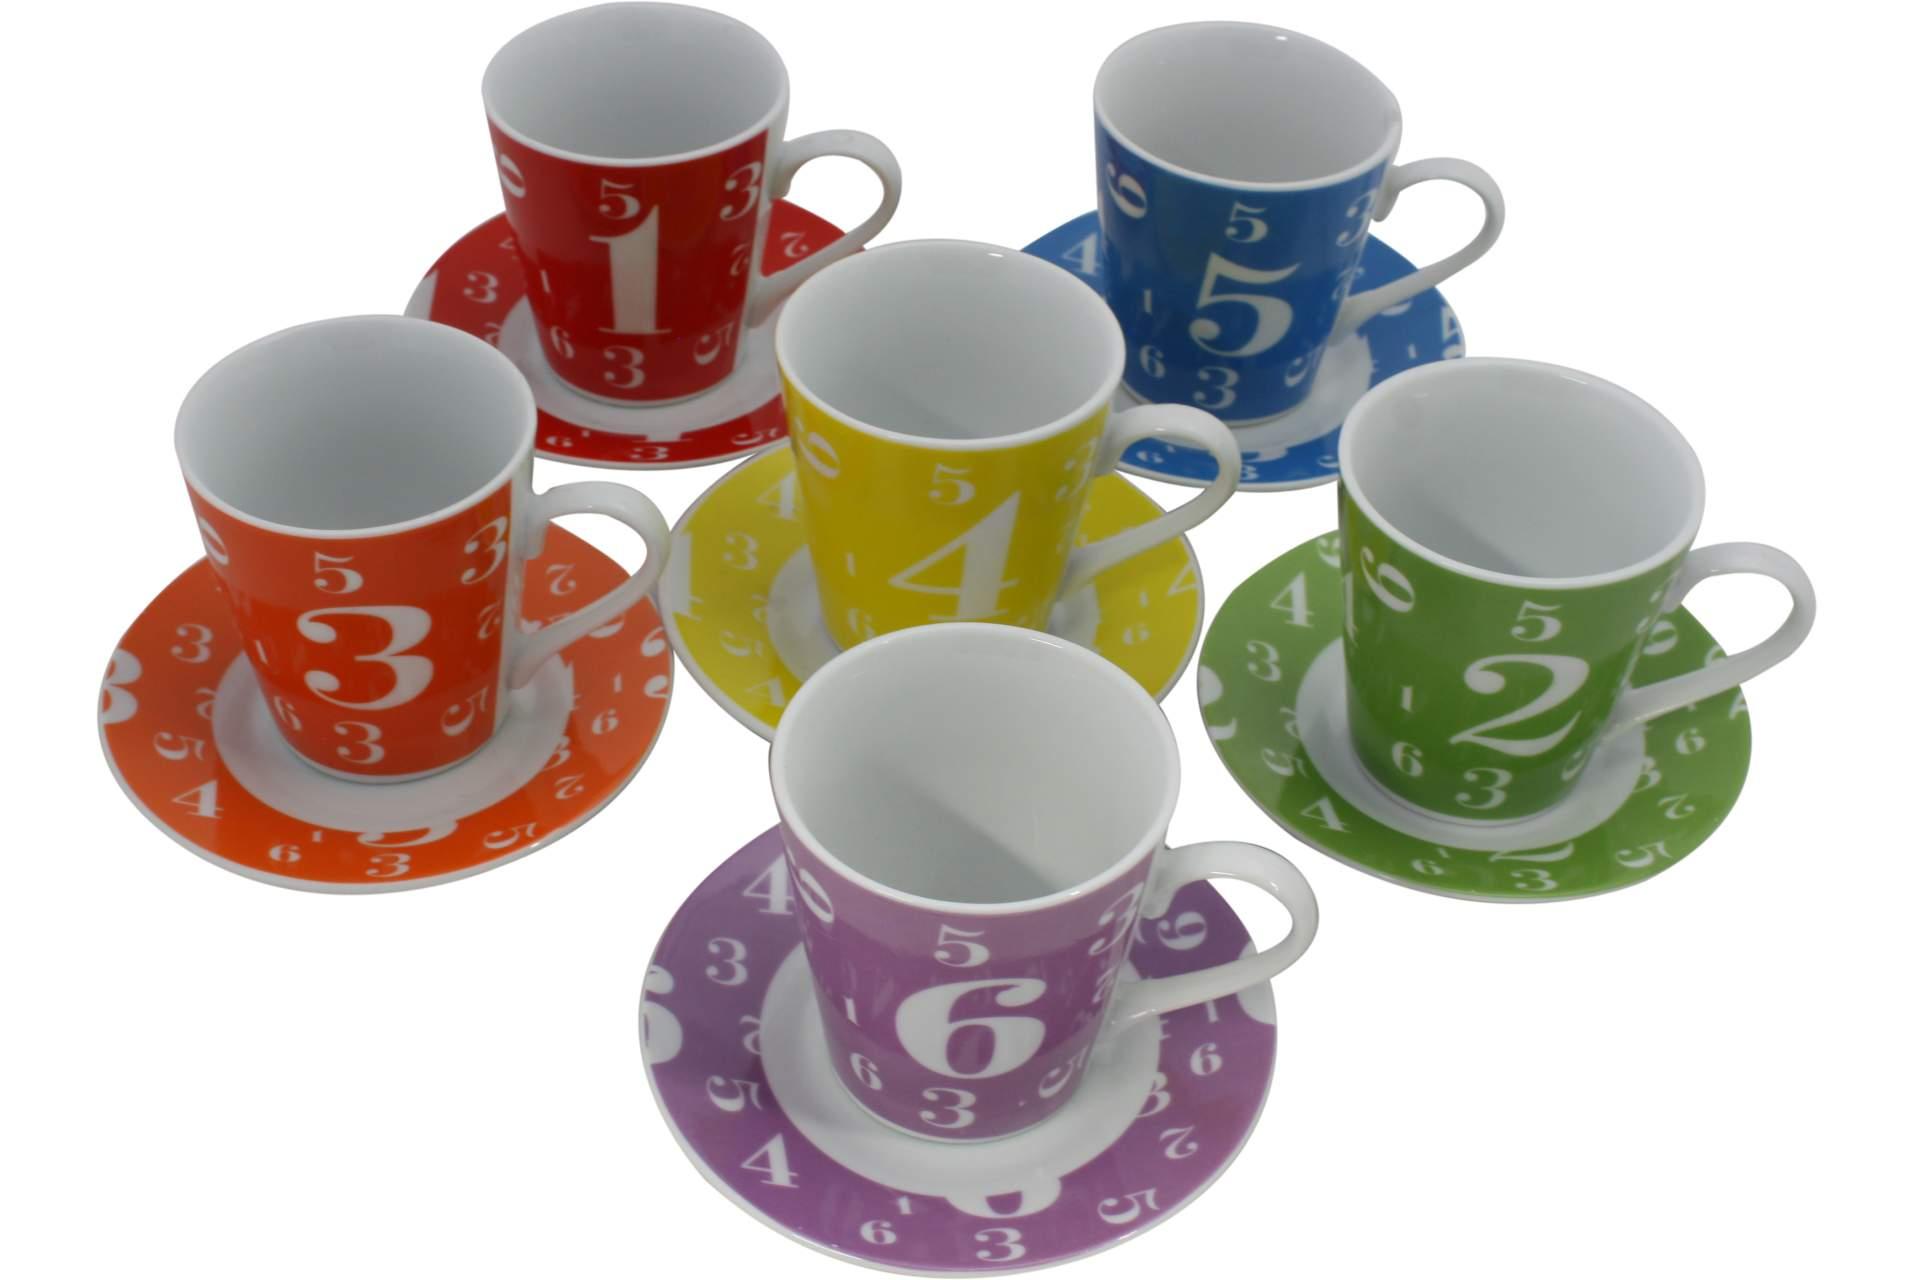 cappuccino kaffee tassen untersetzerset 12tlg zahlen motiv geschirr und besteck k che und. Black Bedroom Furniture Sets. Home Design Ideas